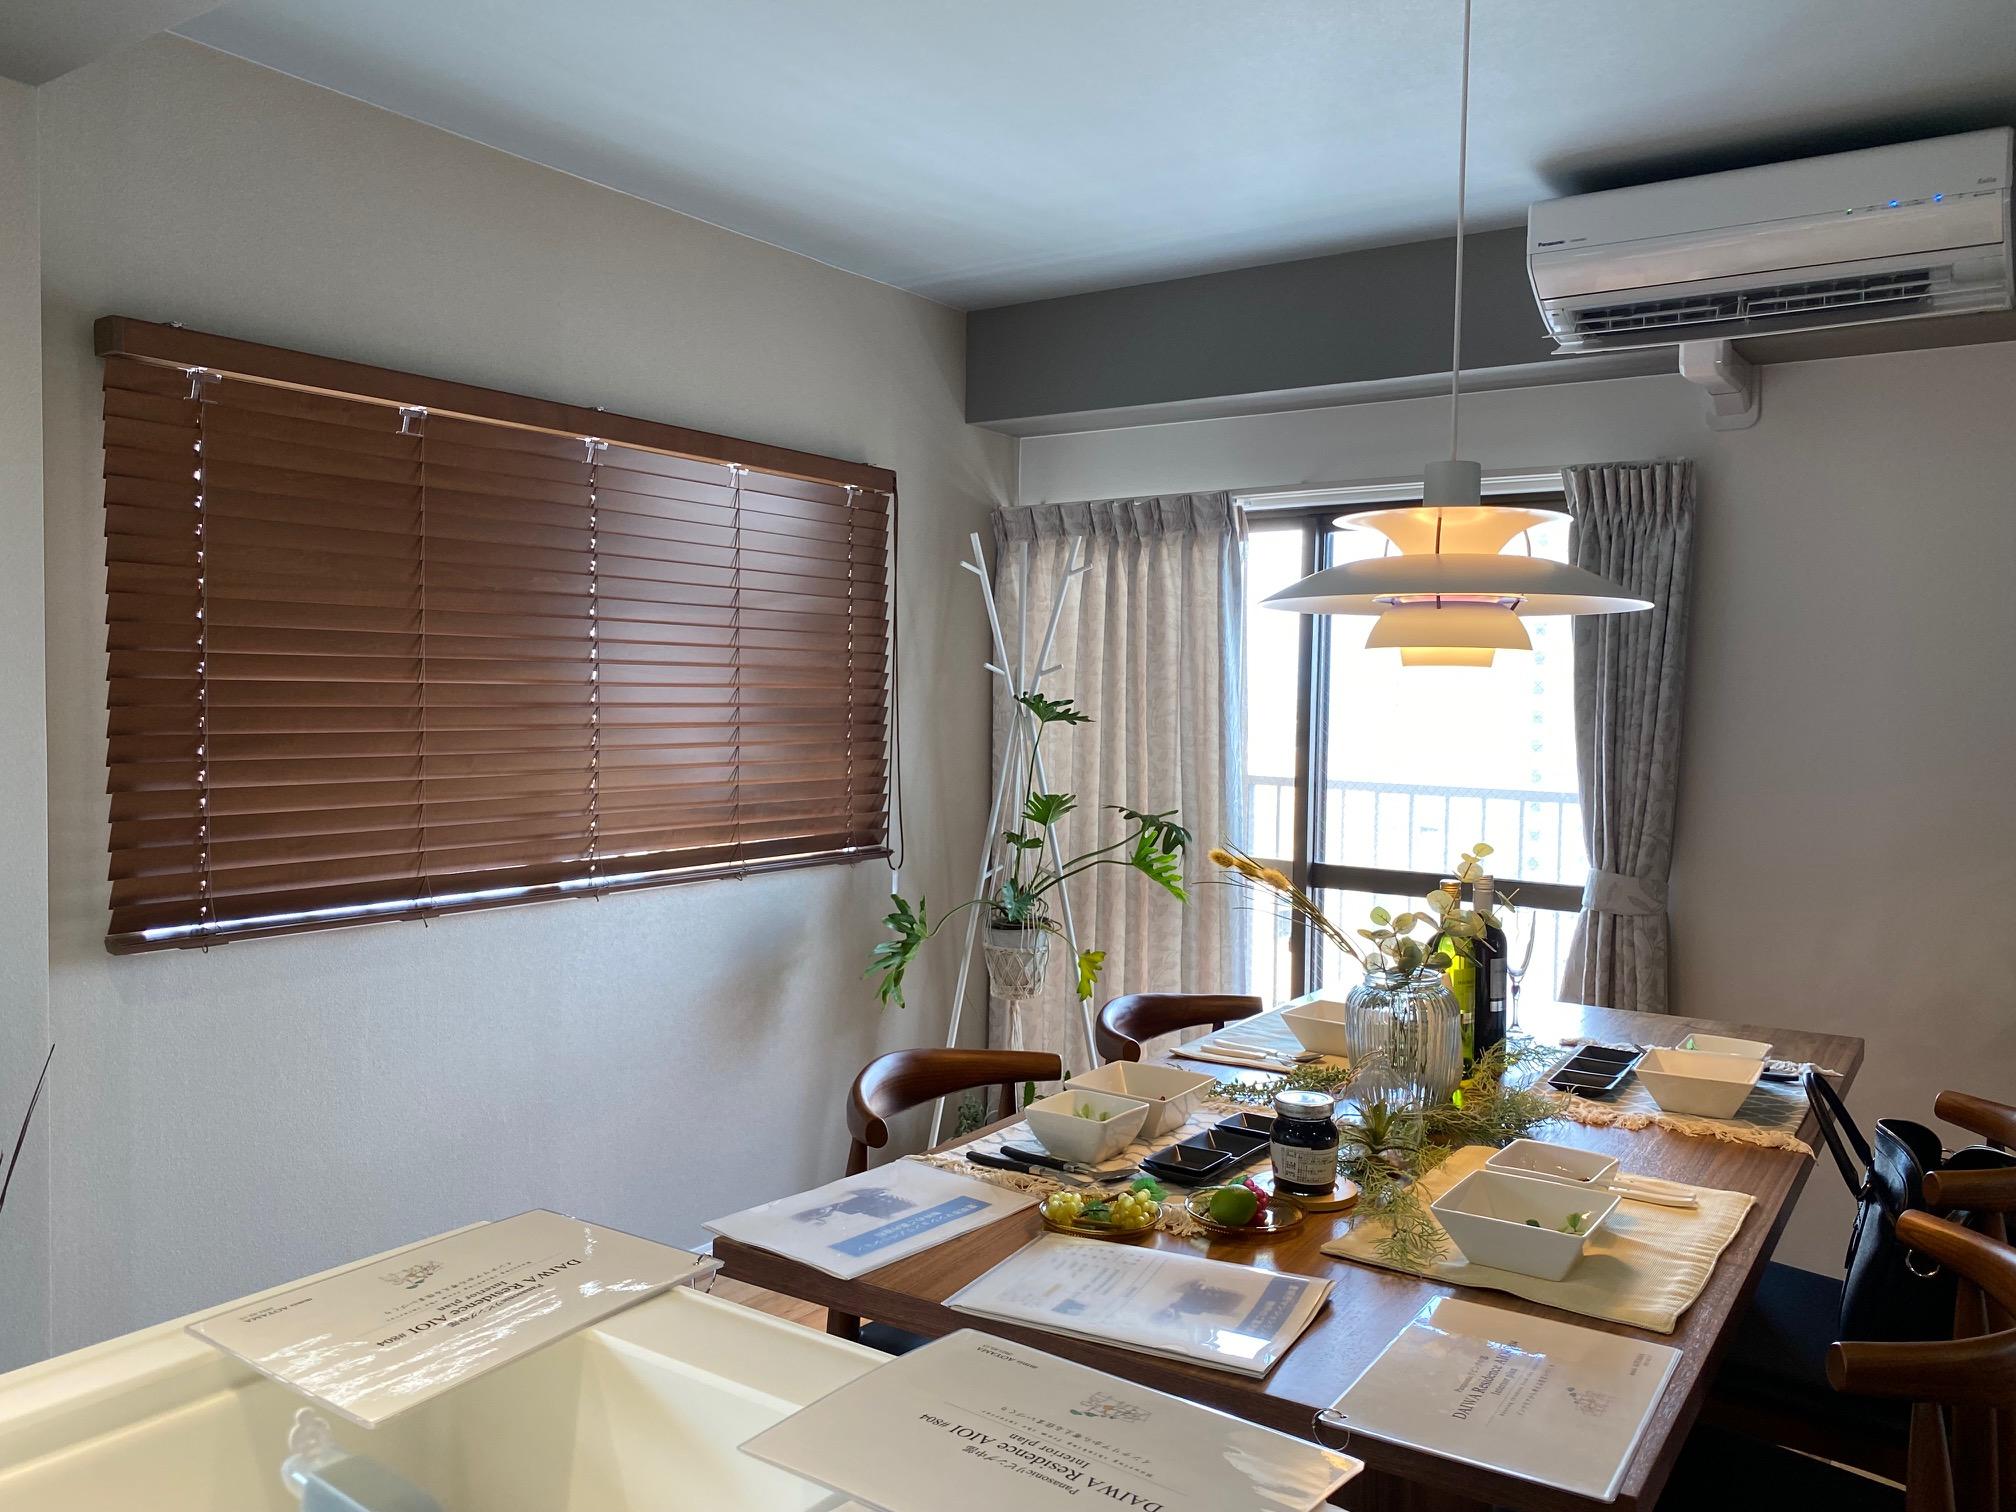 家具を選んでからコーディネートを始めたというマンションリノベーションのお部屋です